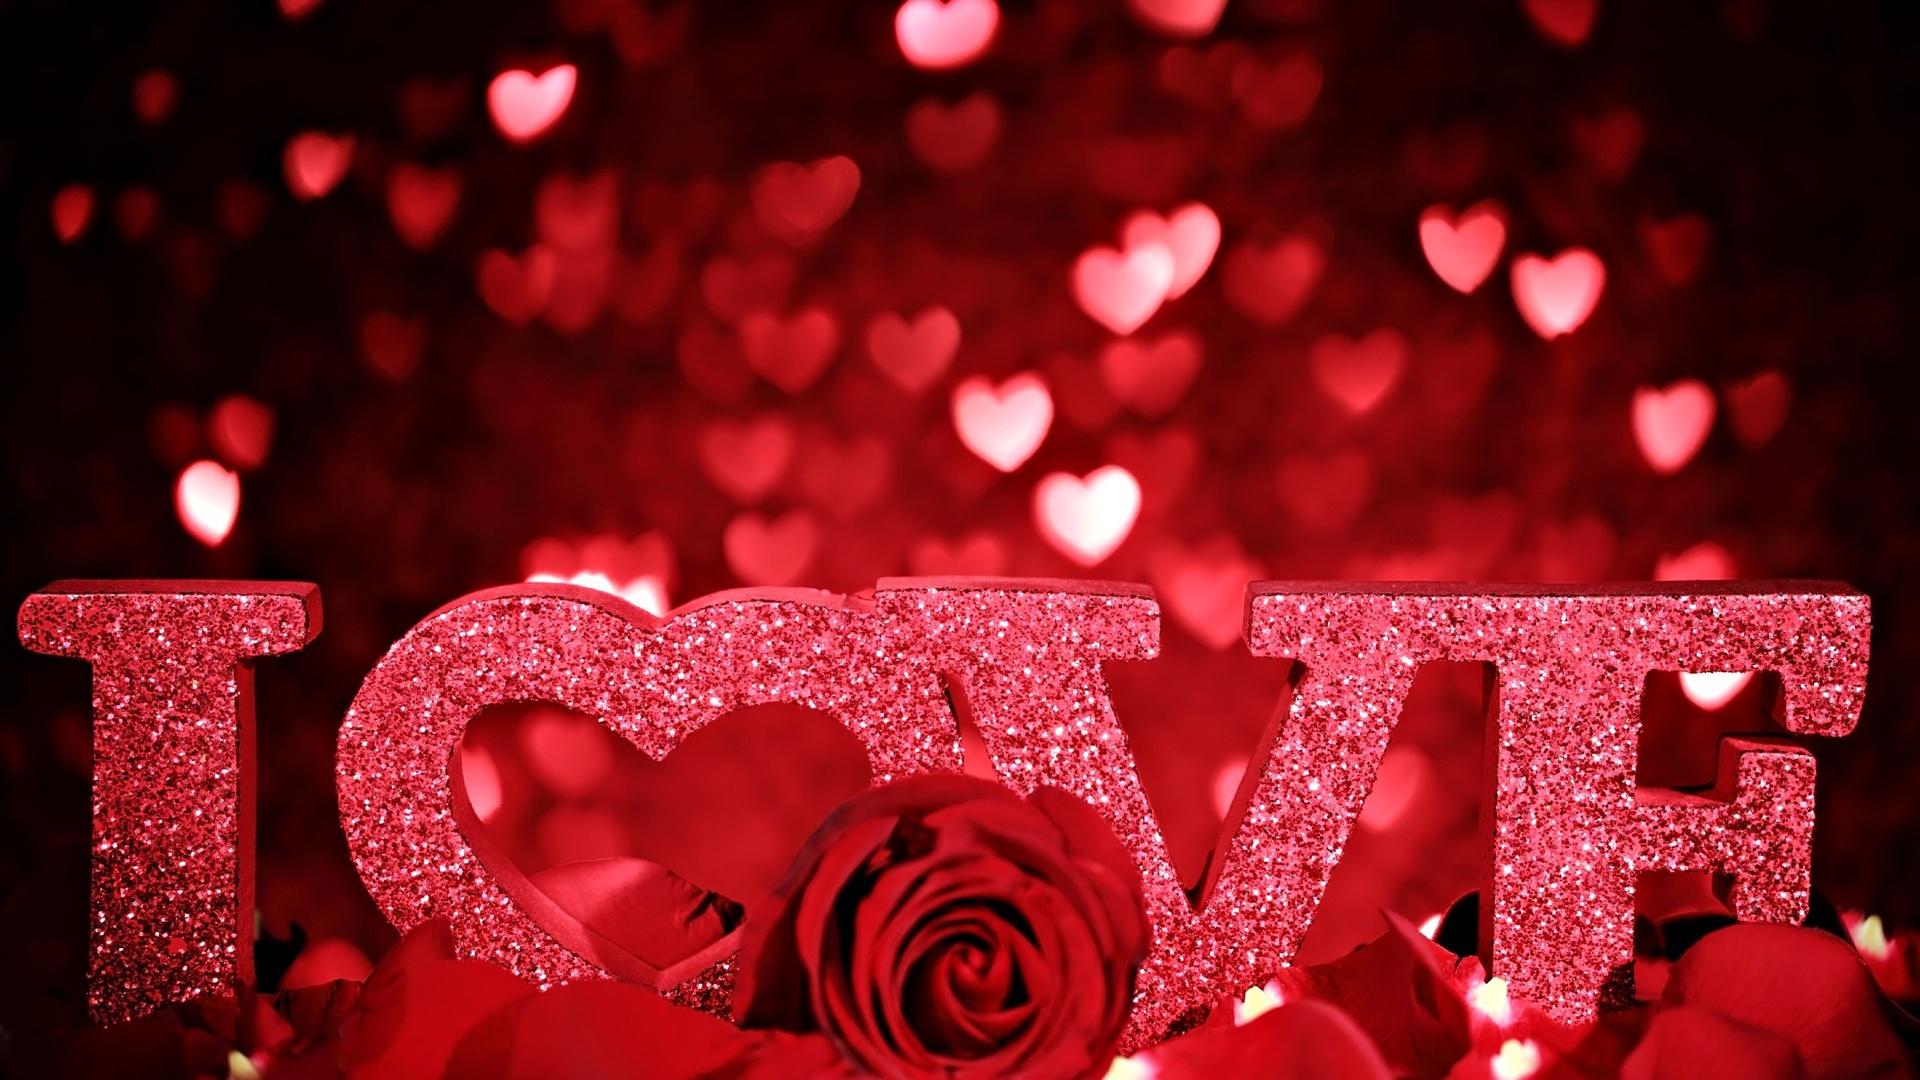 Hình ảnh Valentine đen đẹp và độc nhất